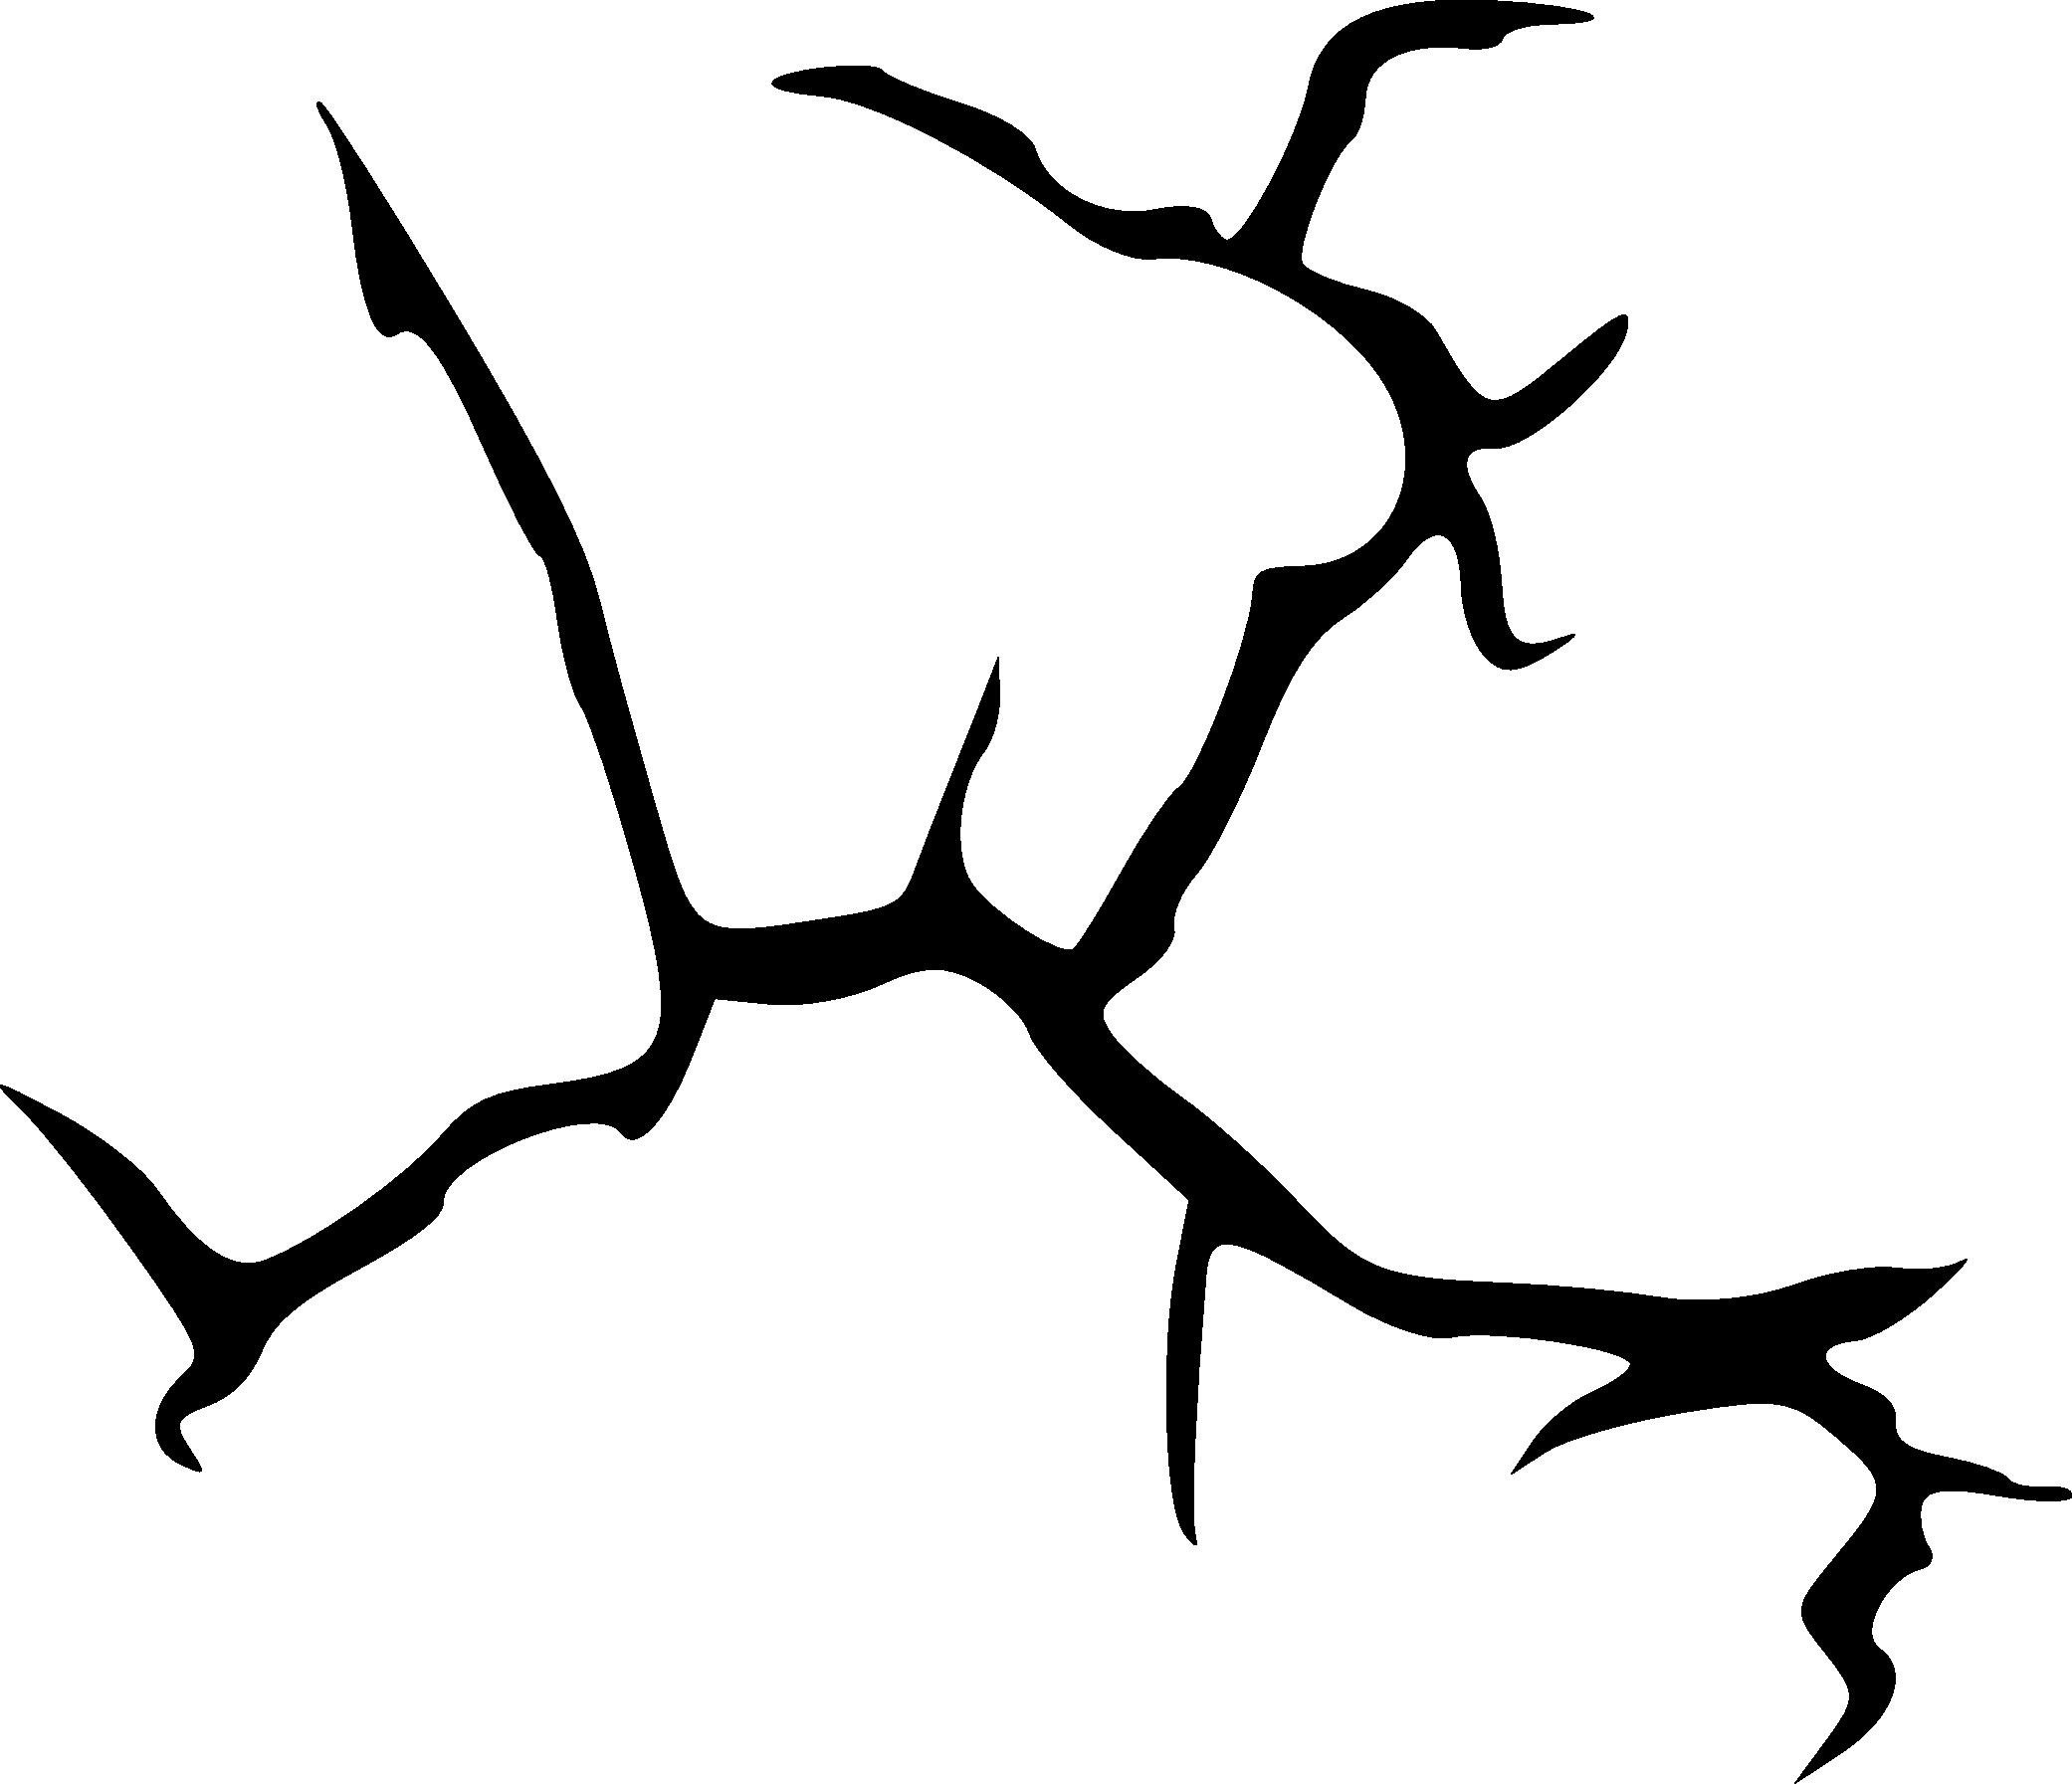 2082x1793 20 Crack (Png Transparent)